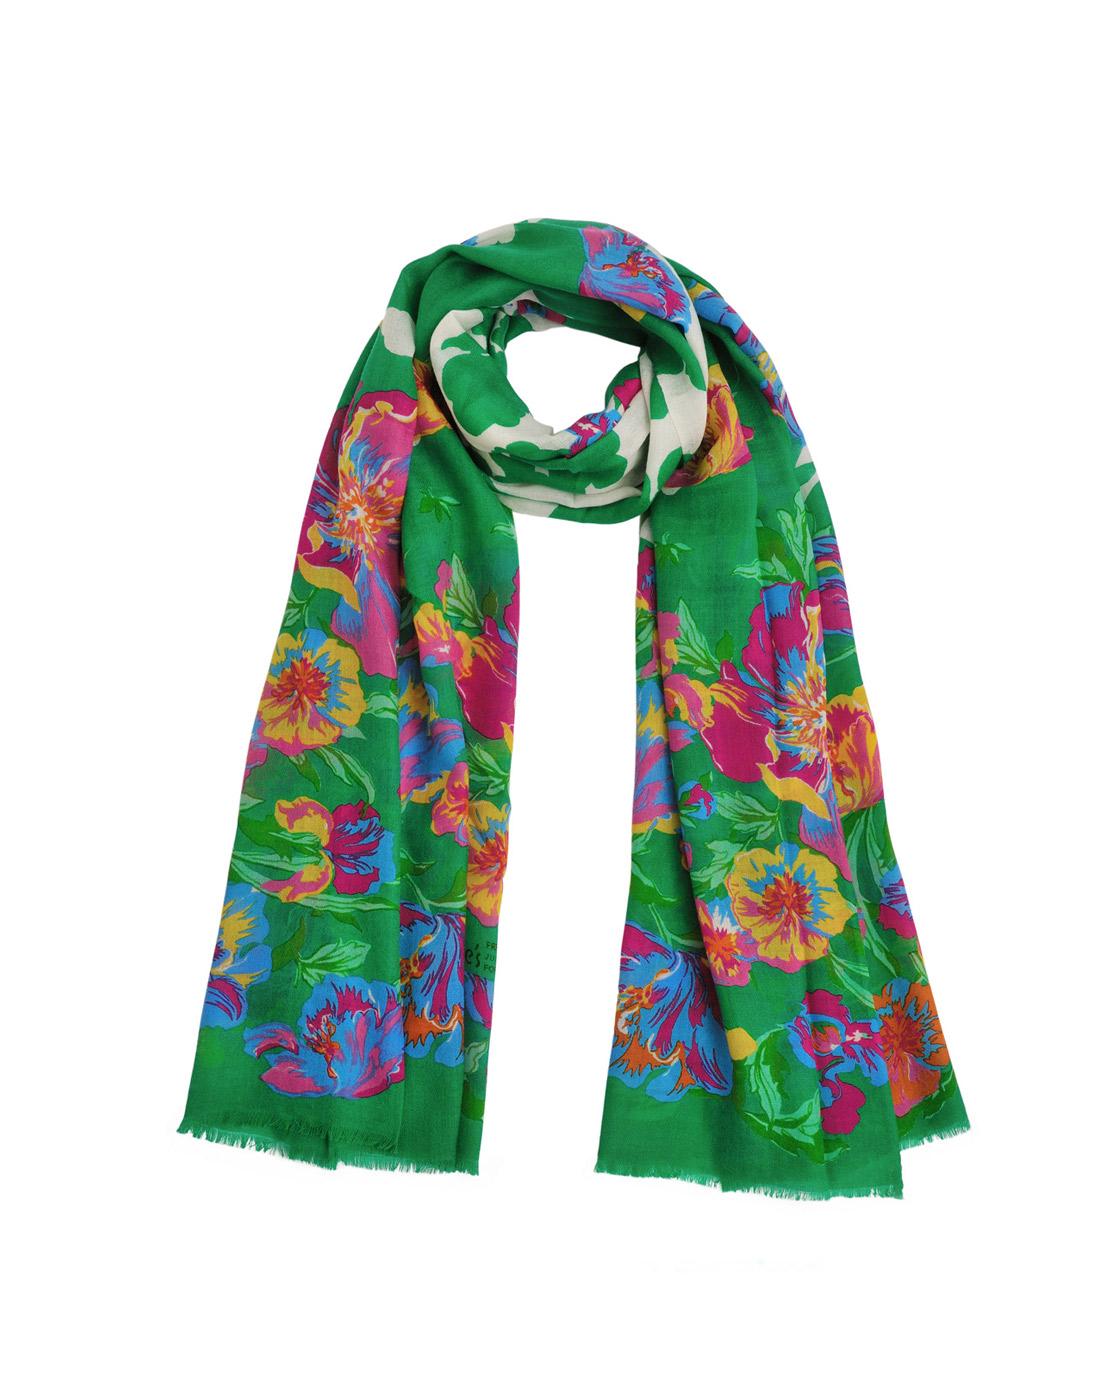 民族风手绘花朵羊毛围巾